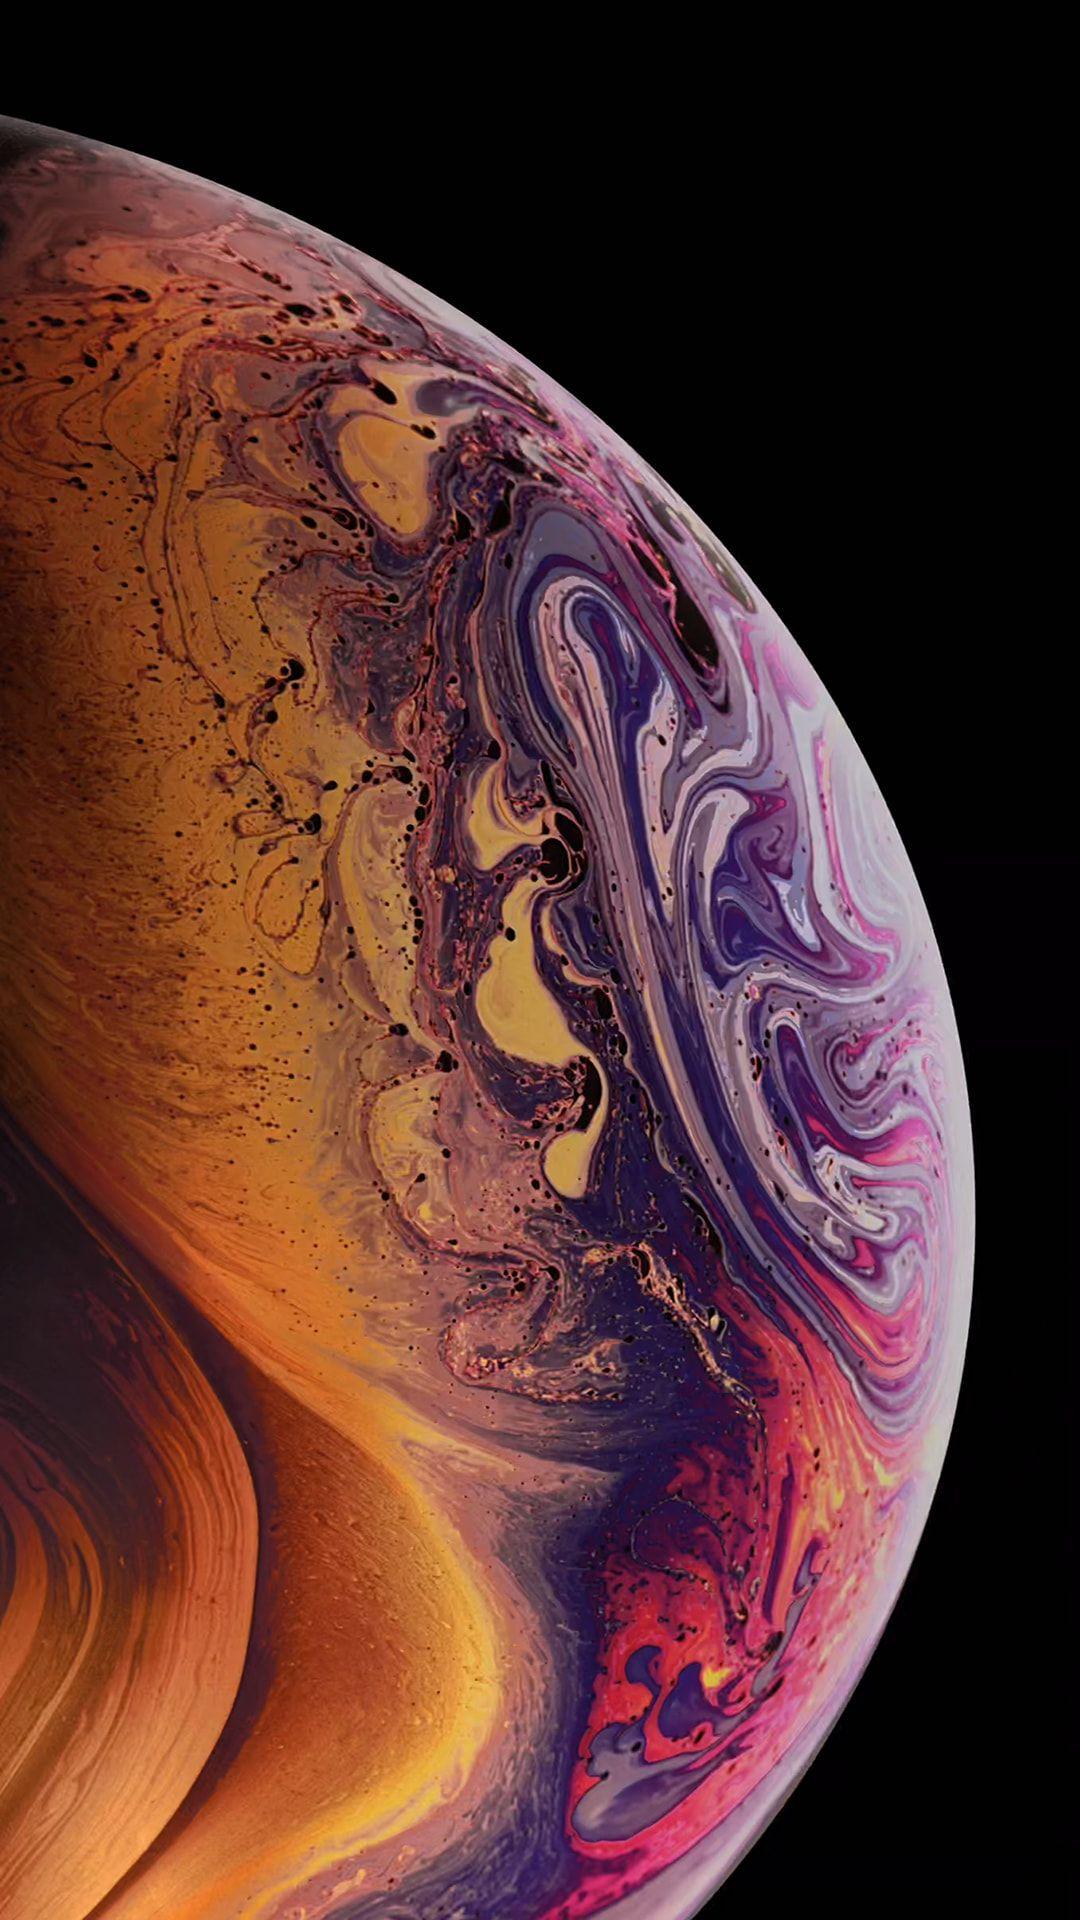 【新着5位】iPhone XSの壁紙 iPhoneX,スマホ壁紙/待受画像ギャラリー アップルの壁紙